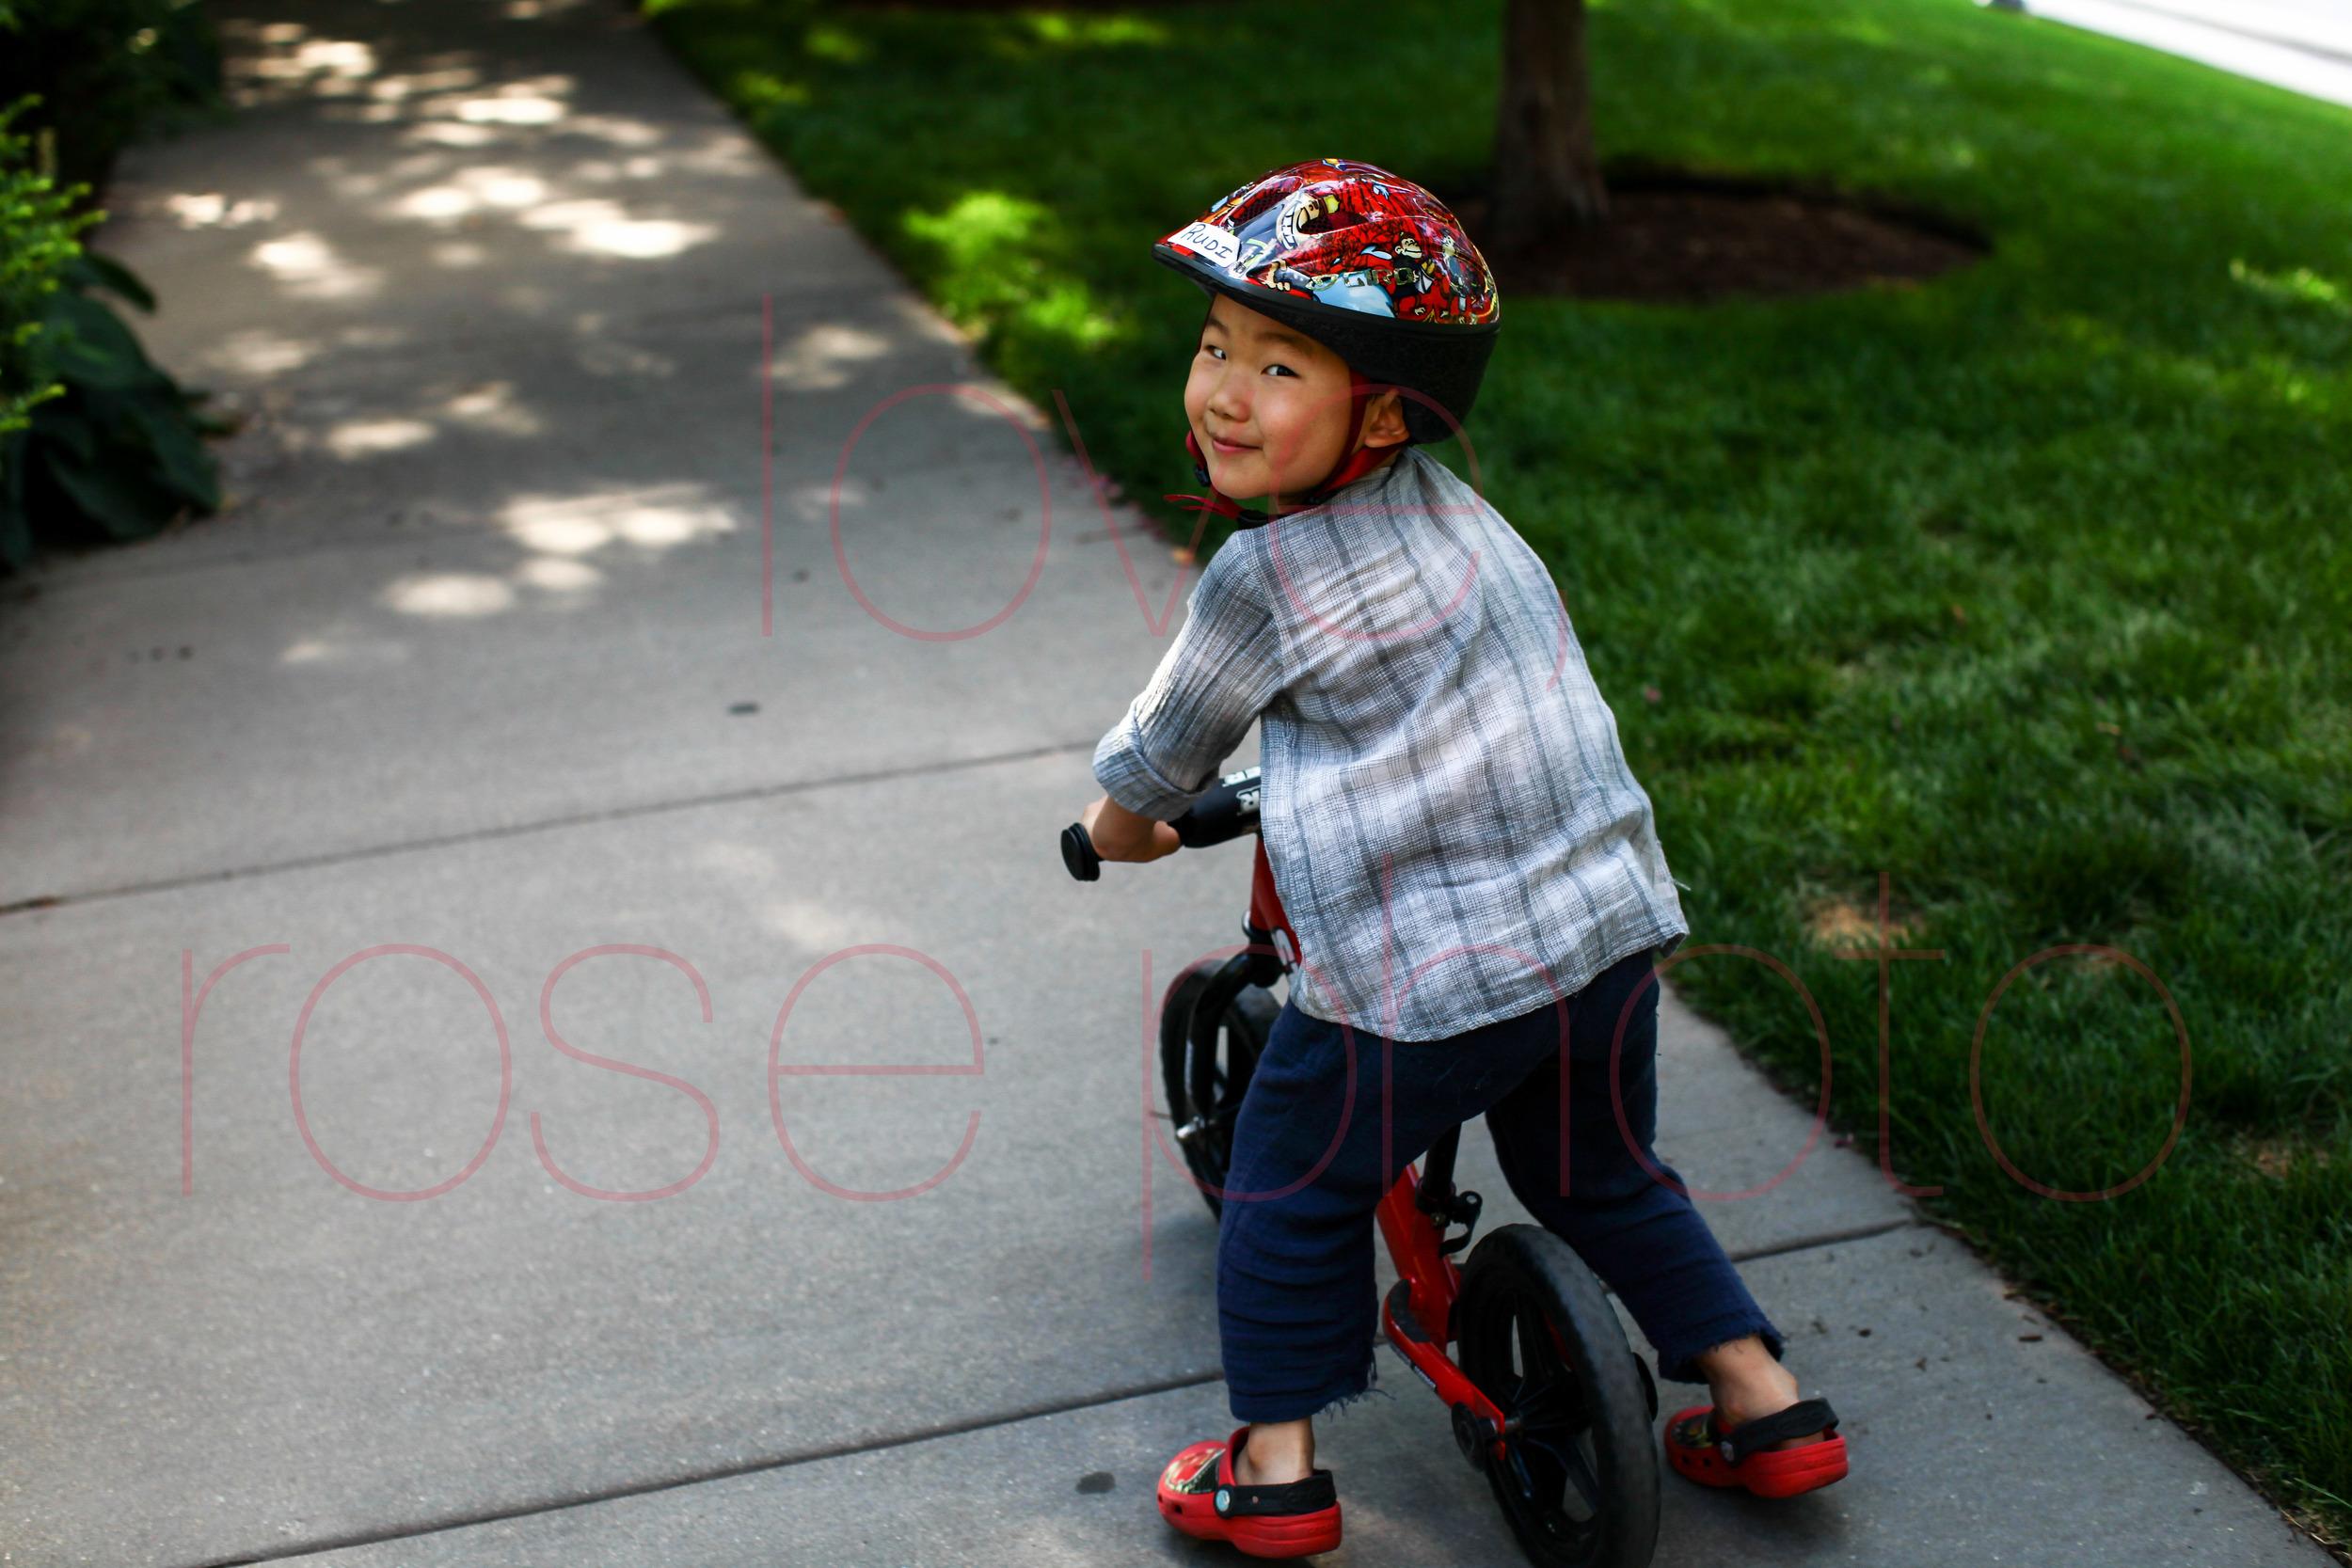 chicago lakeshore east children's photographer lifestyle portrait photography millenium park -001.jpg